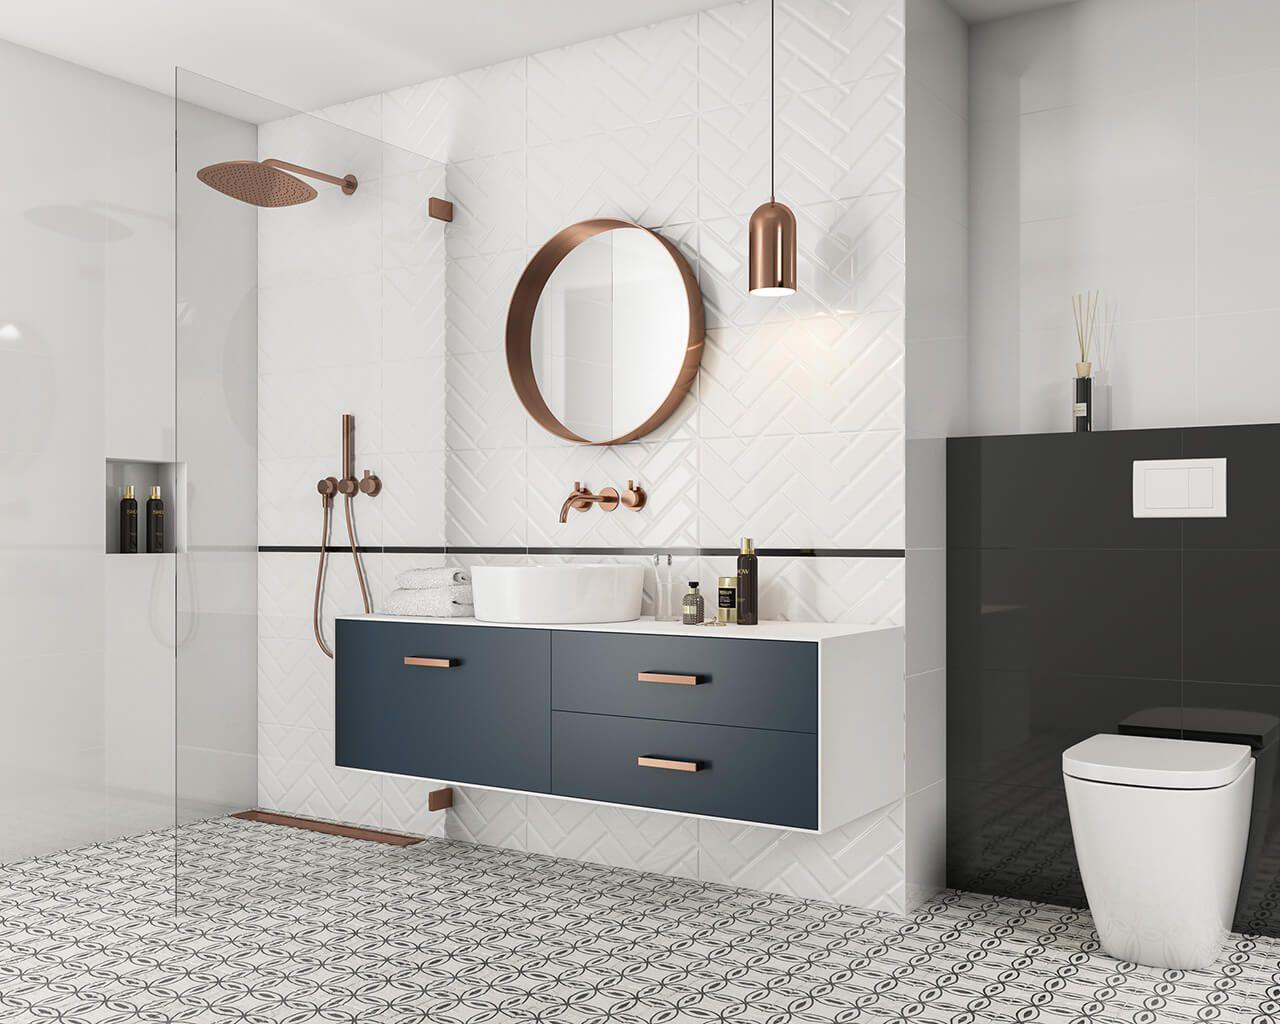 Fußboden Fliesen Glänzend ~ Glänzende weiße bausteine und gemusterter boden im badezimmer